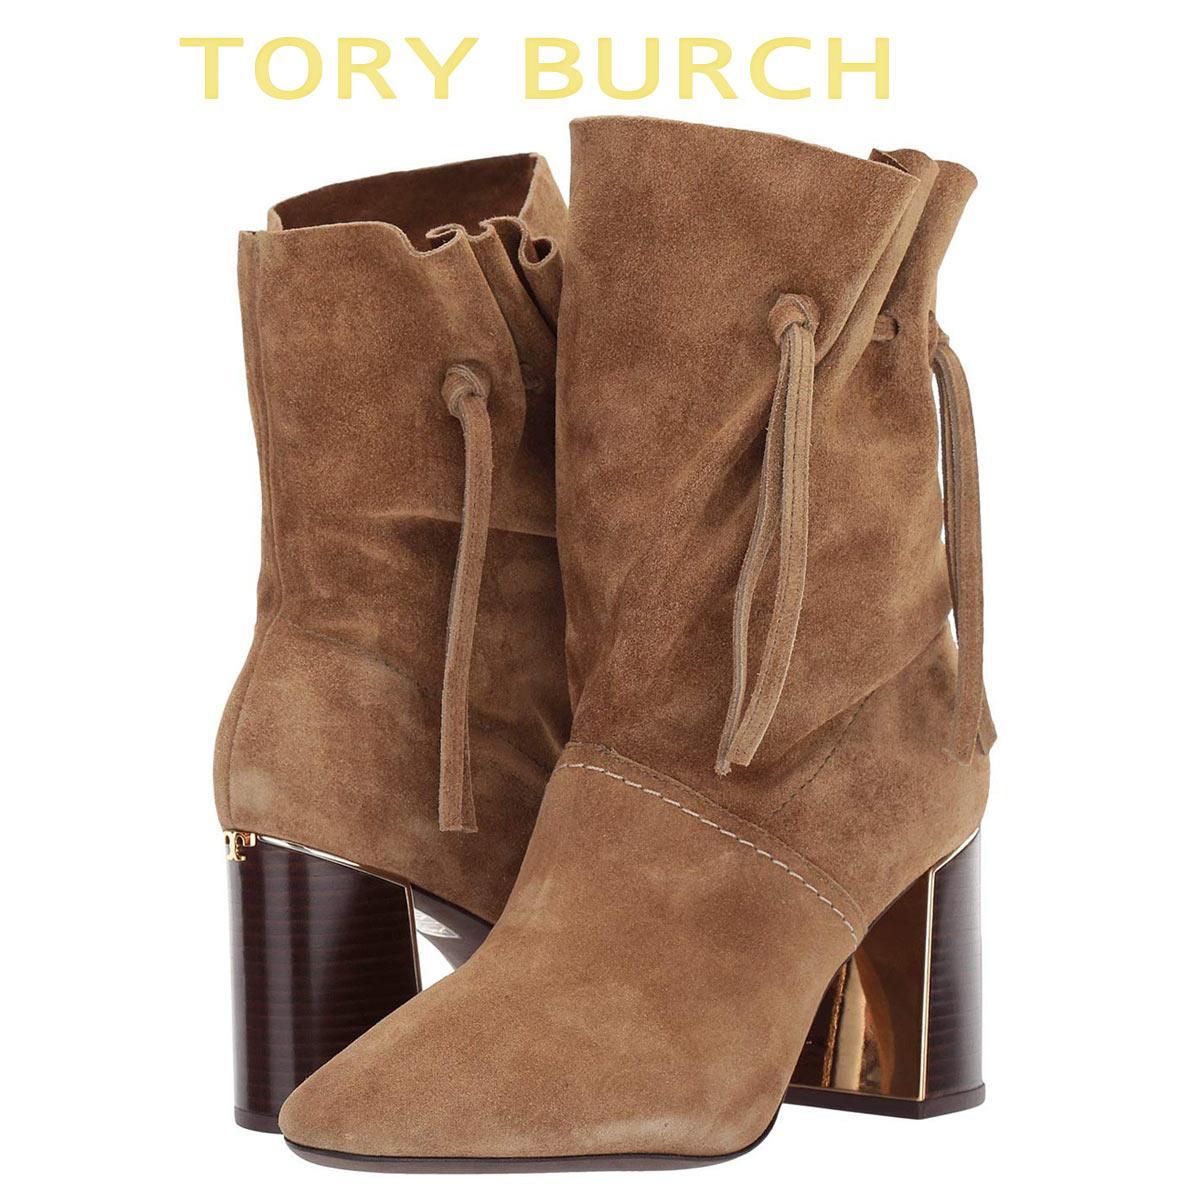 トリーバーチ ブーツ シューズ 靴 レディース 大きいサイズ あり ブーティ ミドル 本革 Tory Burch